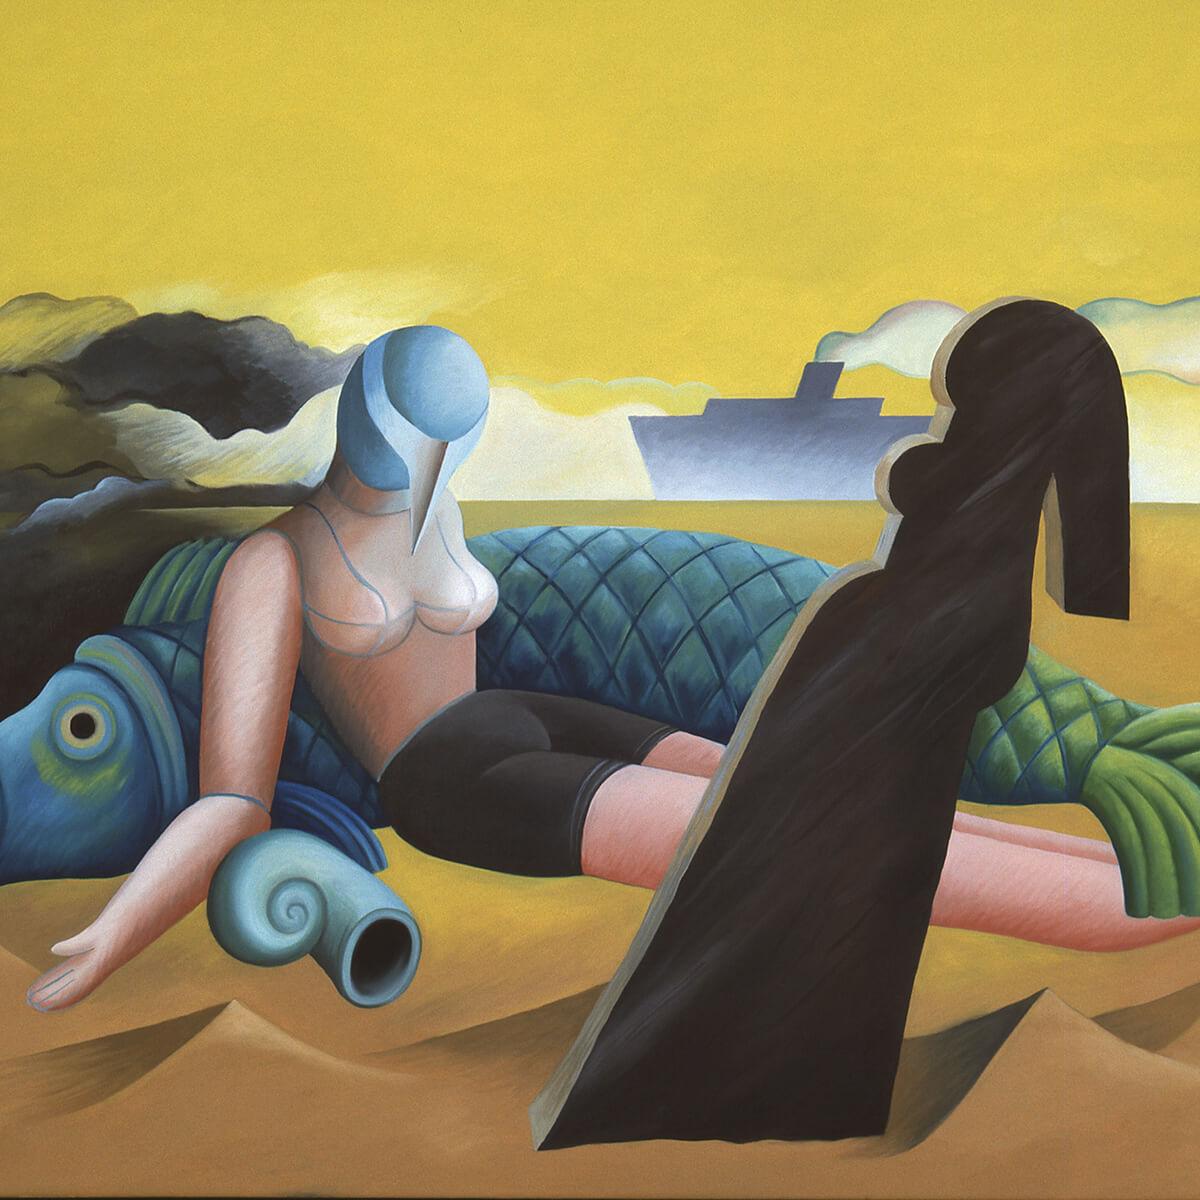 Barbara Jäger Gemälde Magischer Realismus 1970 - 1989